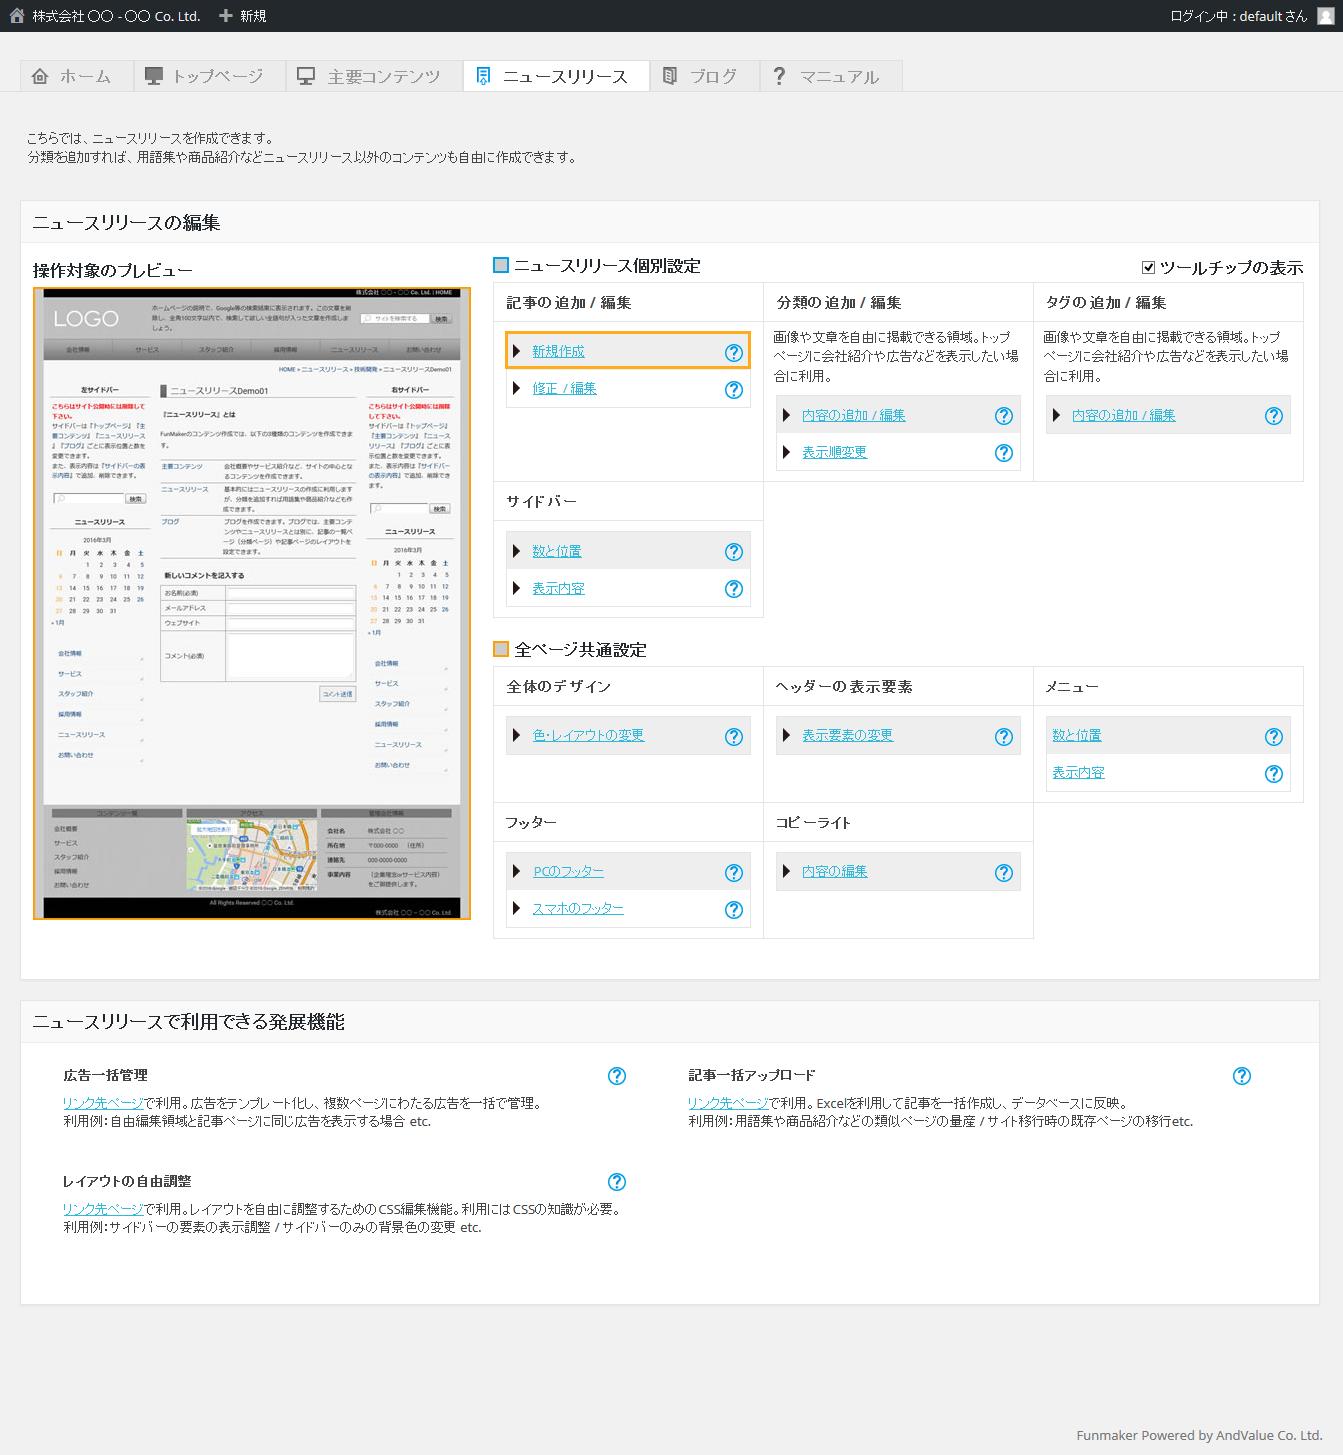 ニュースリリースの新規作成 - 簡単格安ホームページ作成会社 -FunMaker